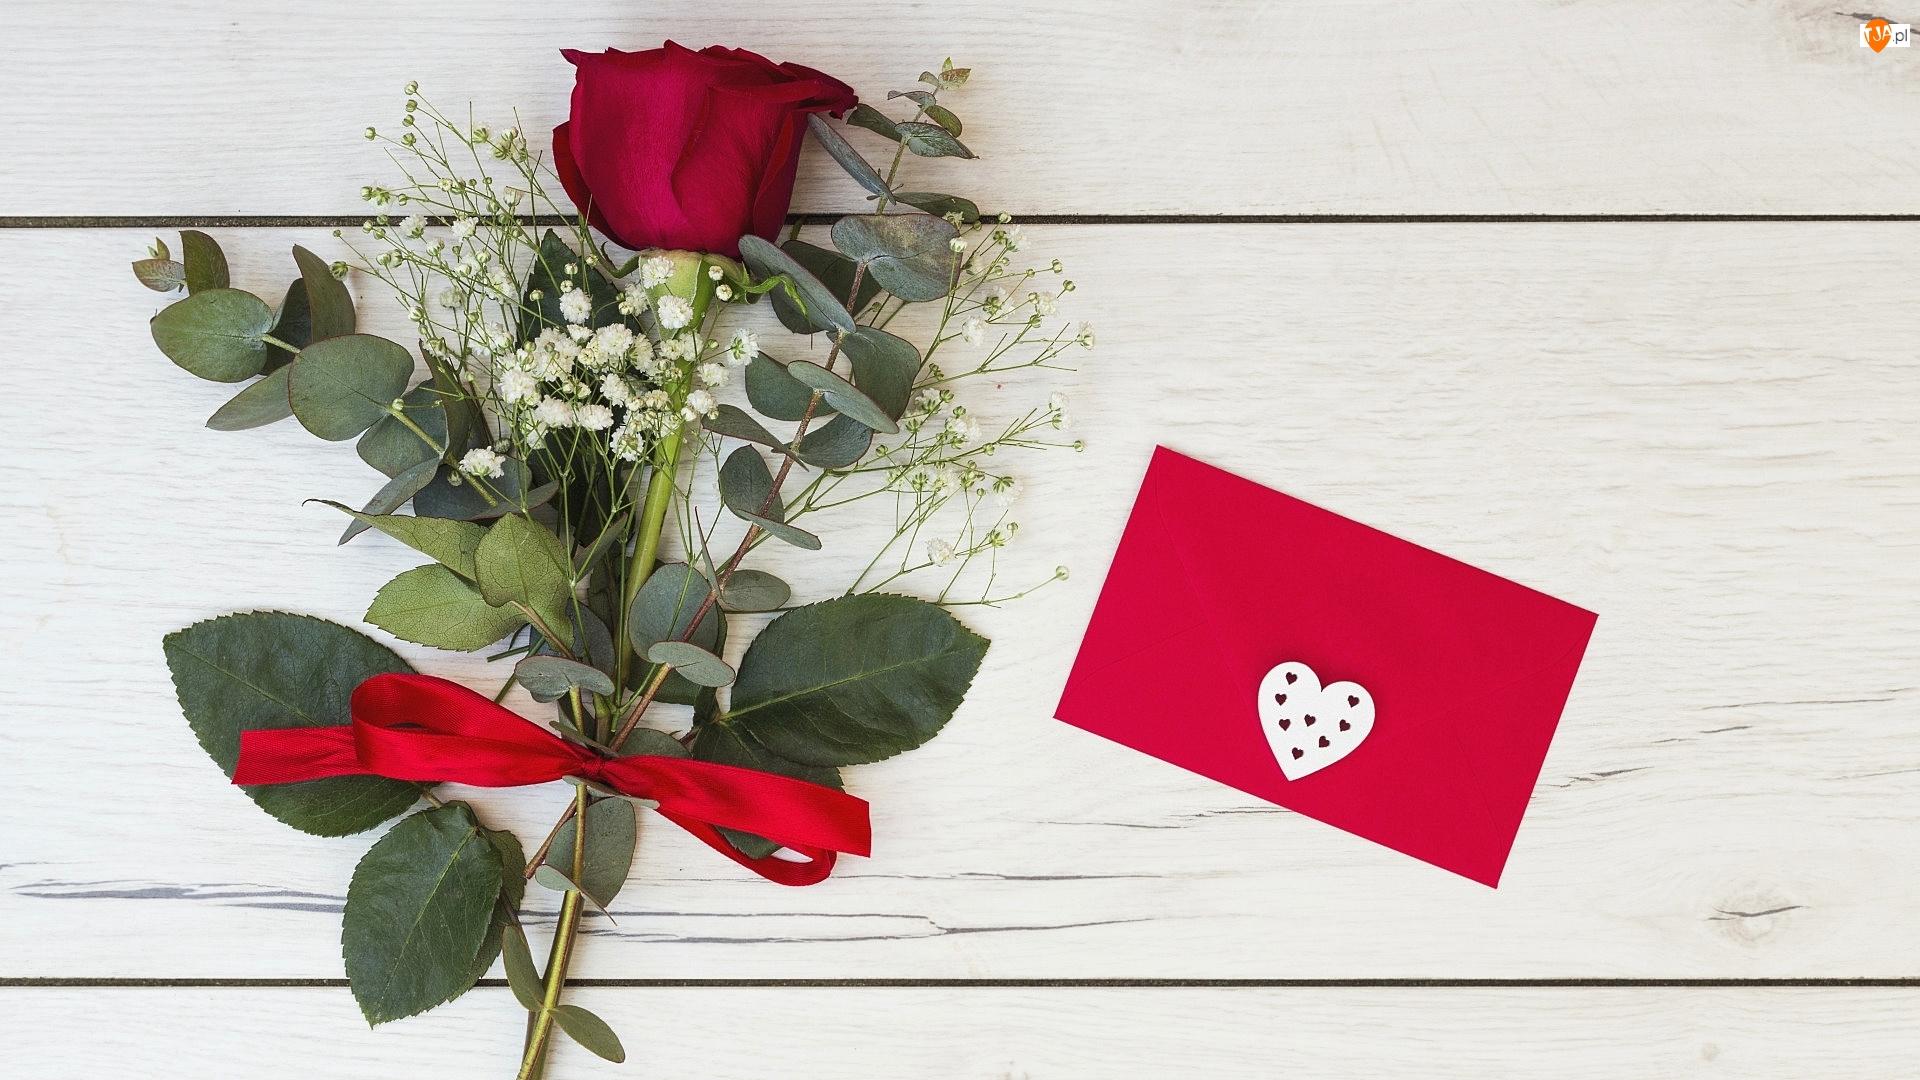 Gipsówka, Wstążeczka, Walentynki, Róża, Serduszko, Koperta, Czerwona